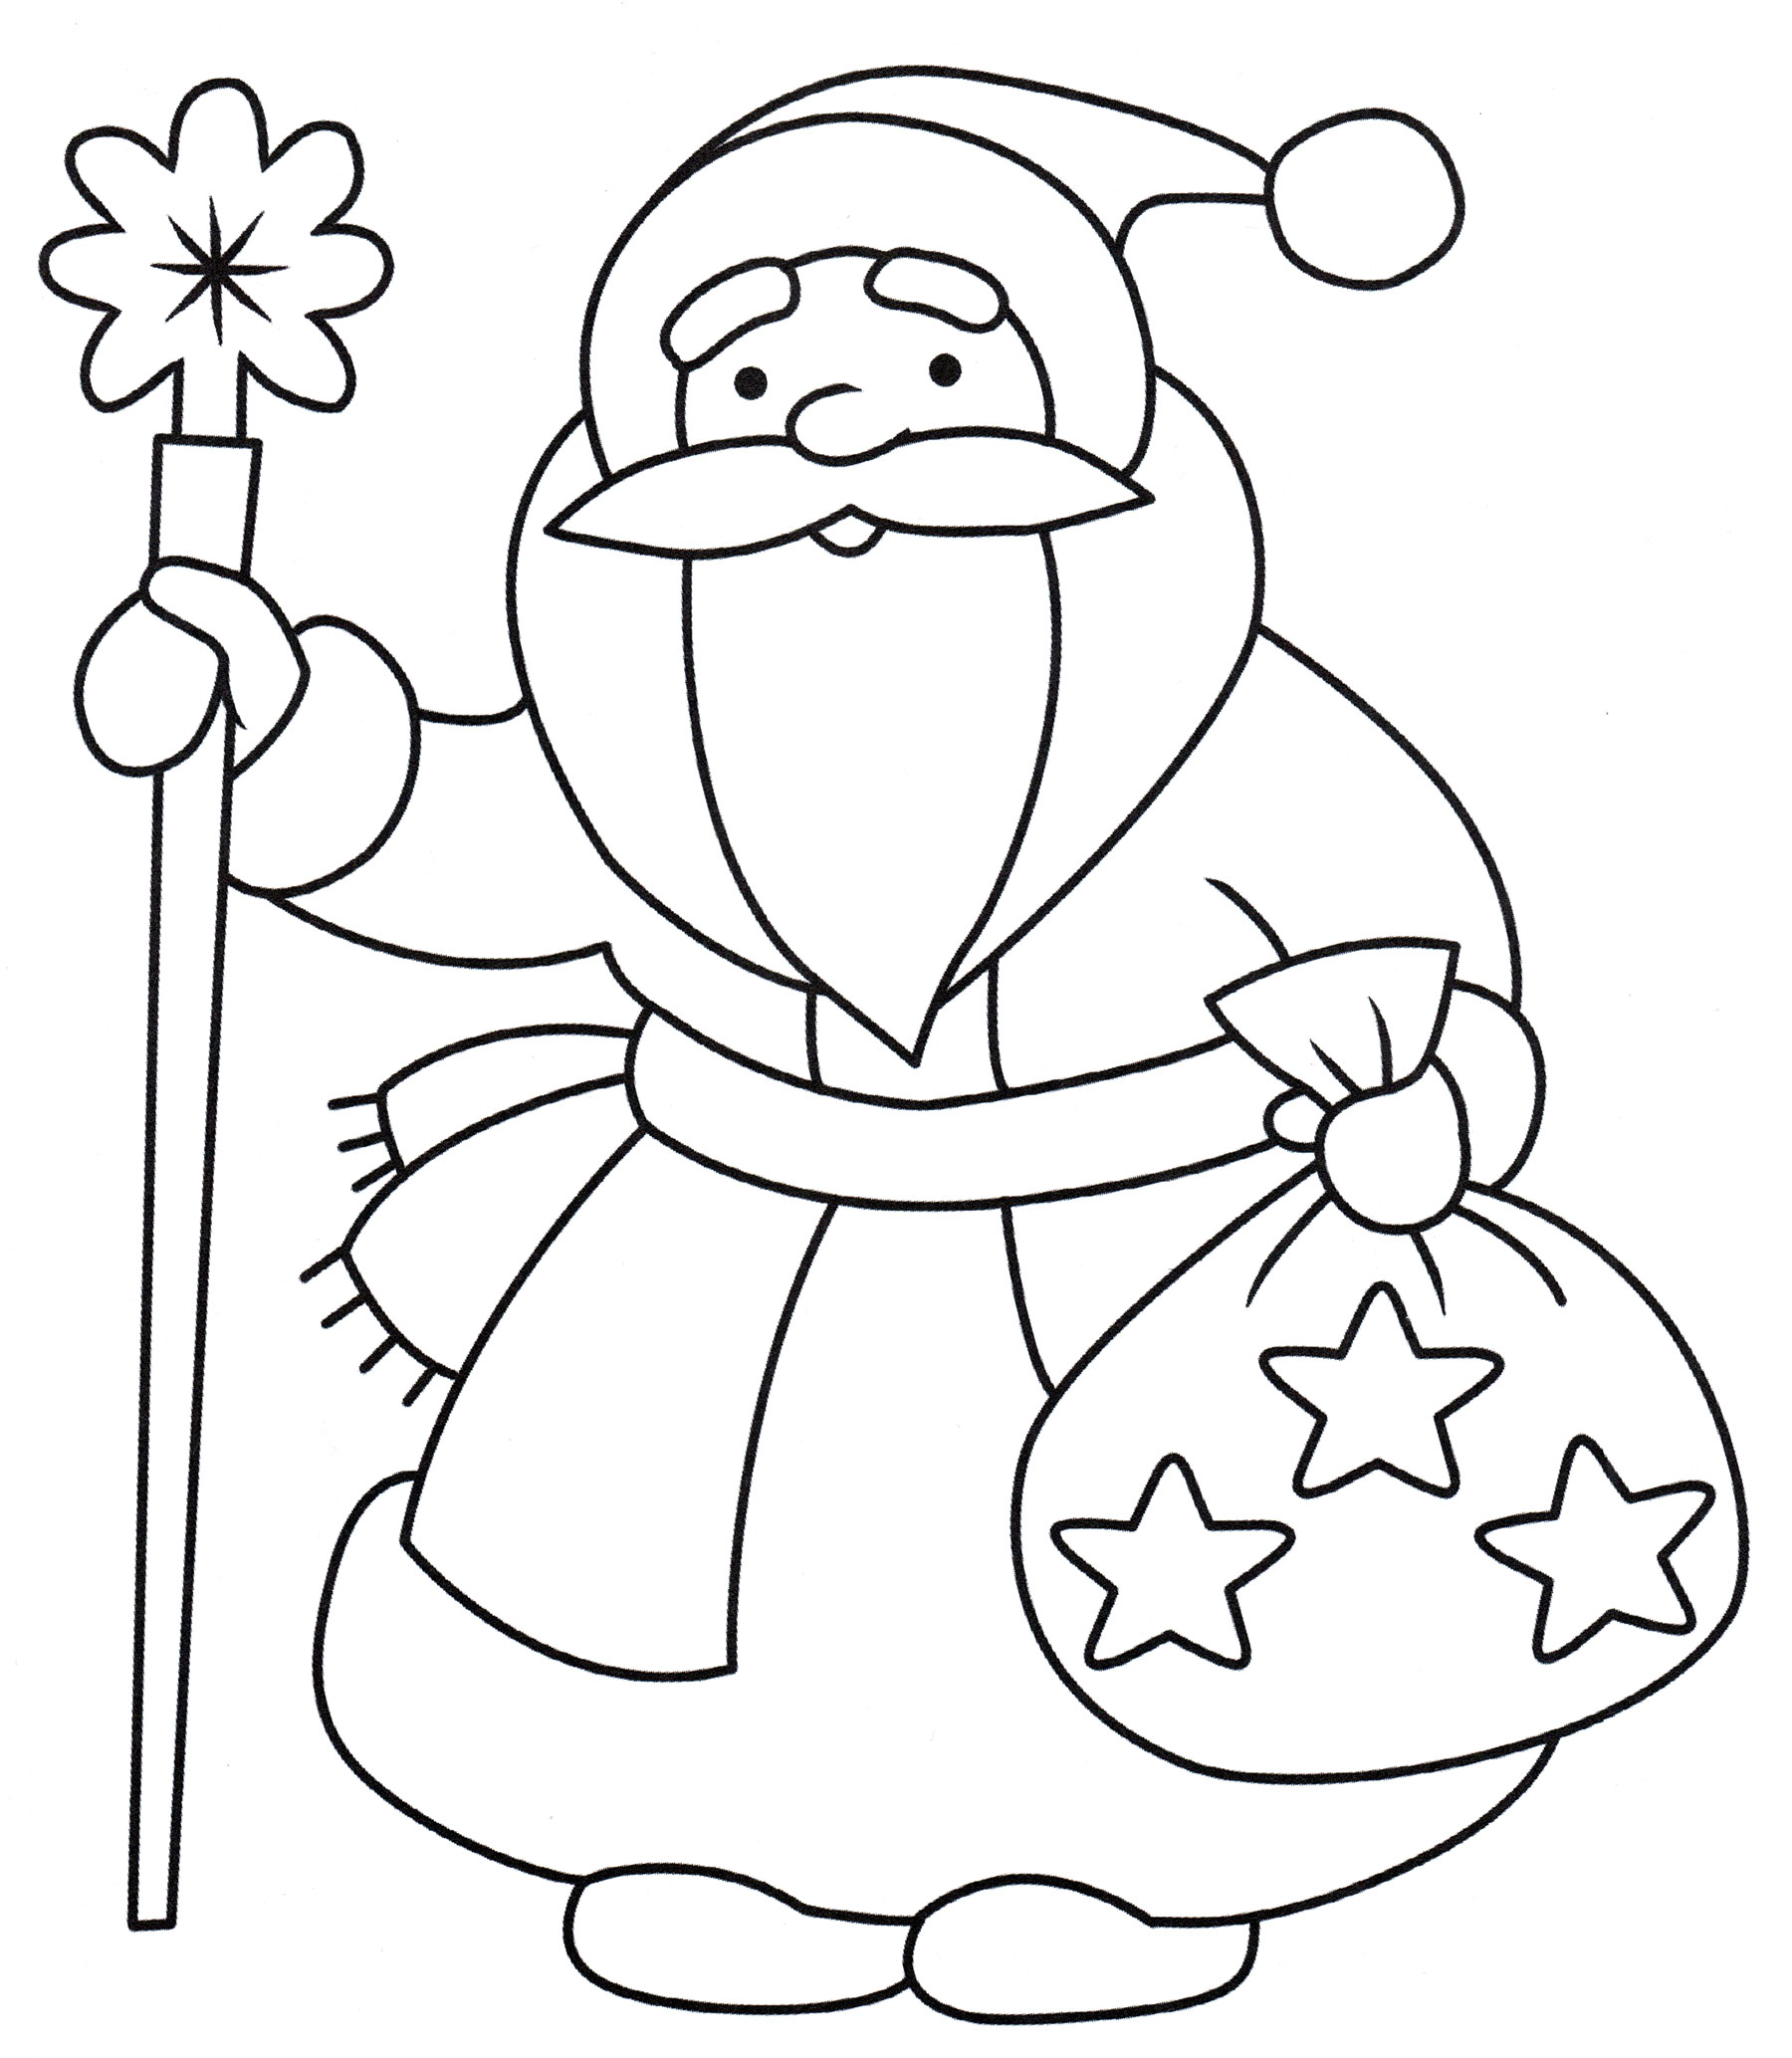 Раскраска Дед мороз приготовил подарки - распечатать бесплатно